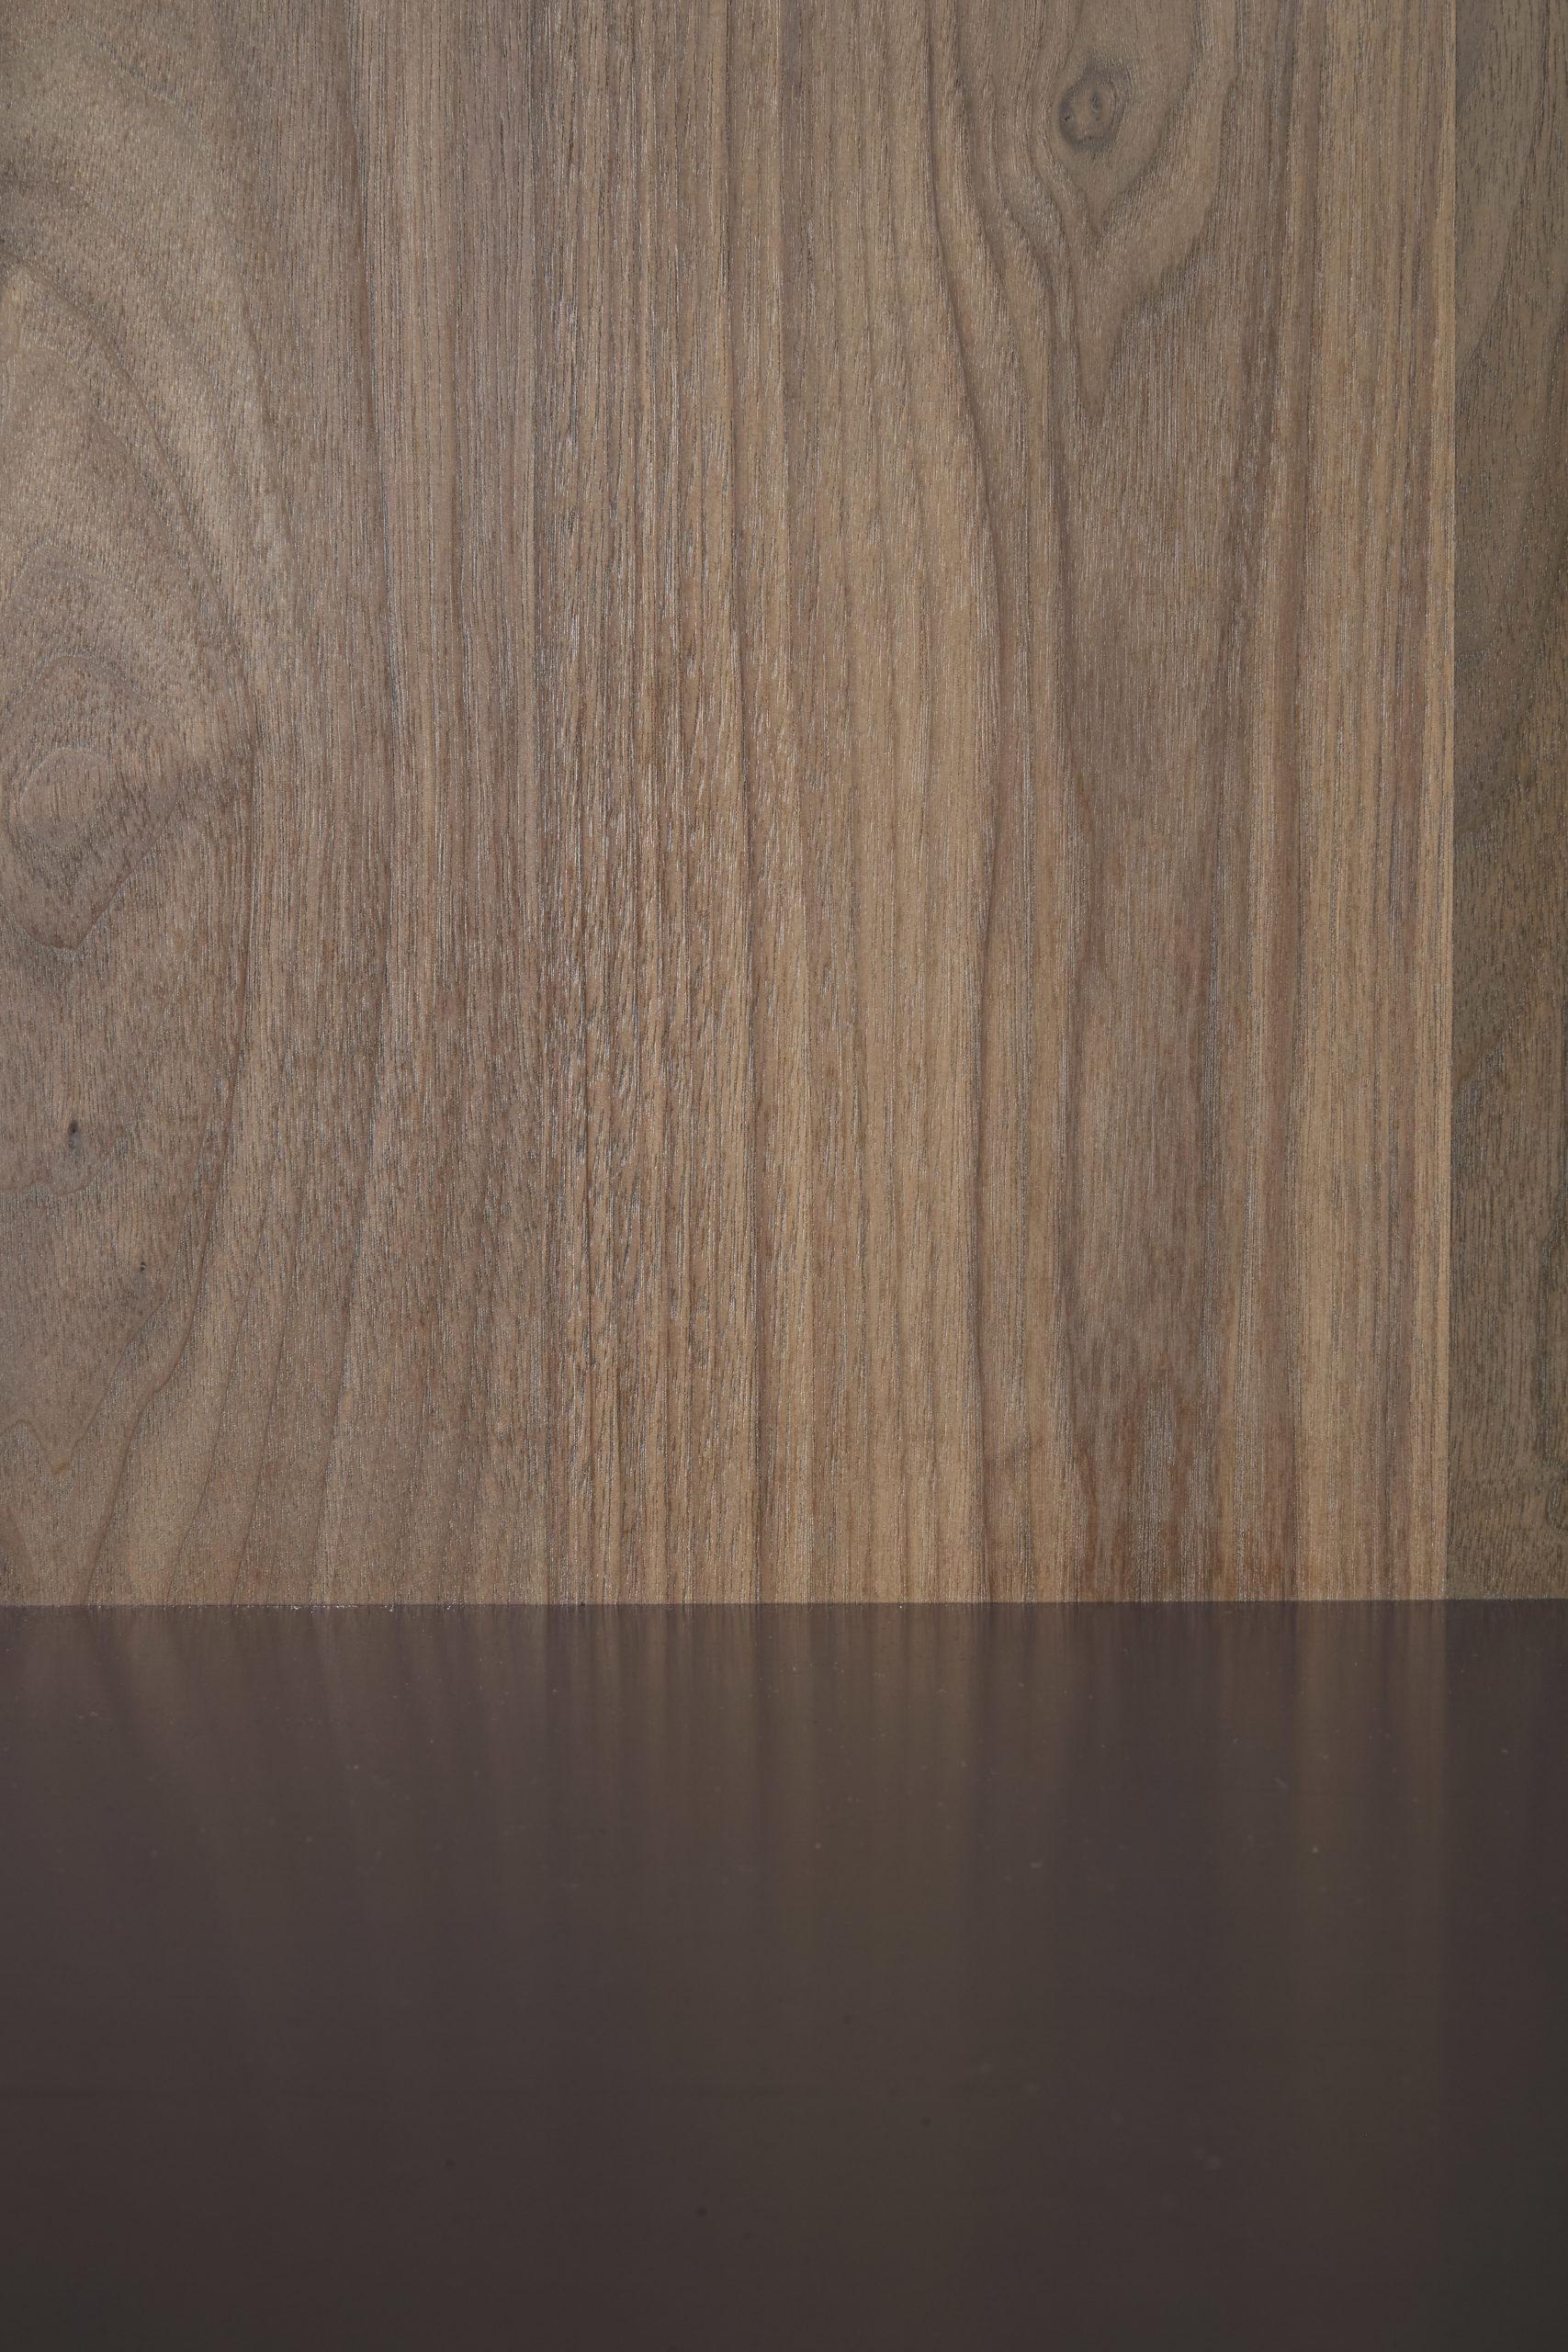 amuneal_products_WNWN_NYDC_7Blackened-Stainless-Bar-Detail-Wood-Backsplash_nycshowroom-scaled-1